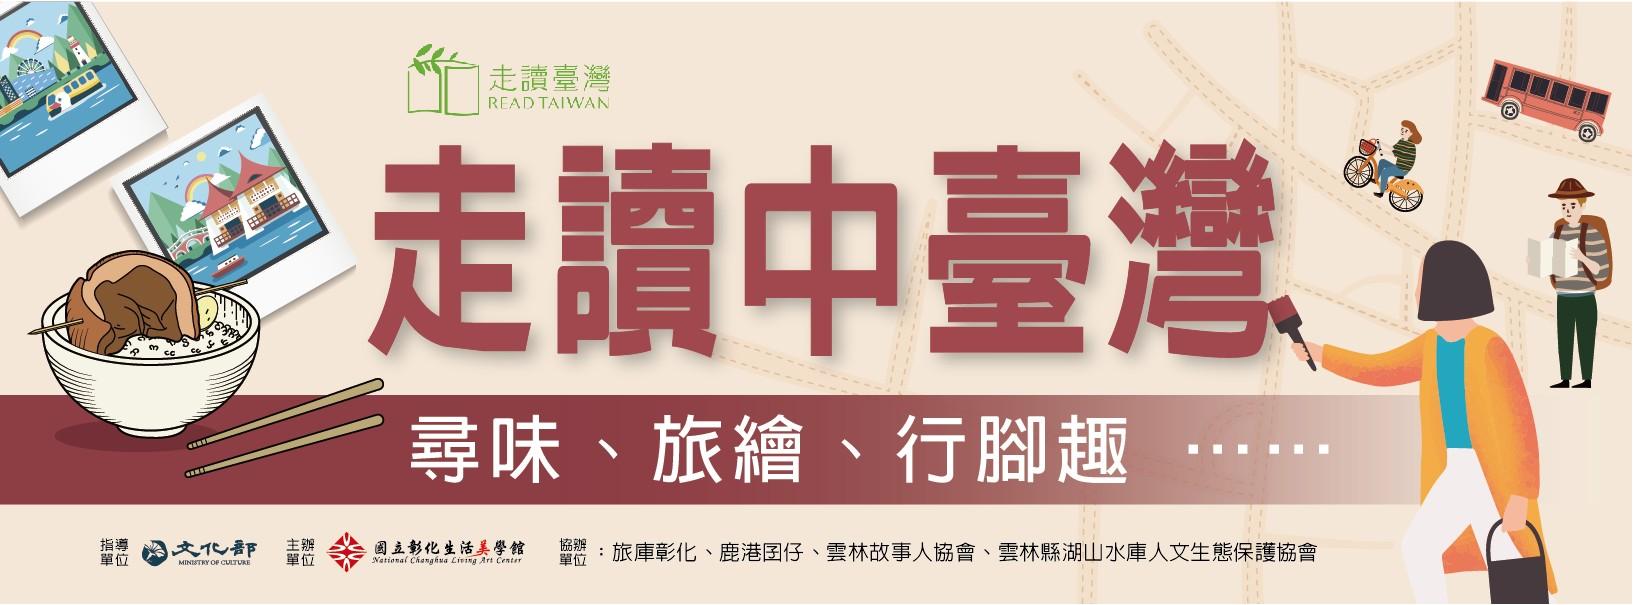 「走讀中臺灣─尋味/旅繪/行腳趣」—「藝術文化路徑」旅繪場次